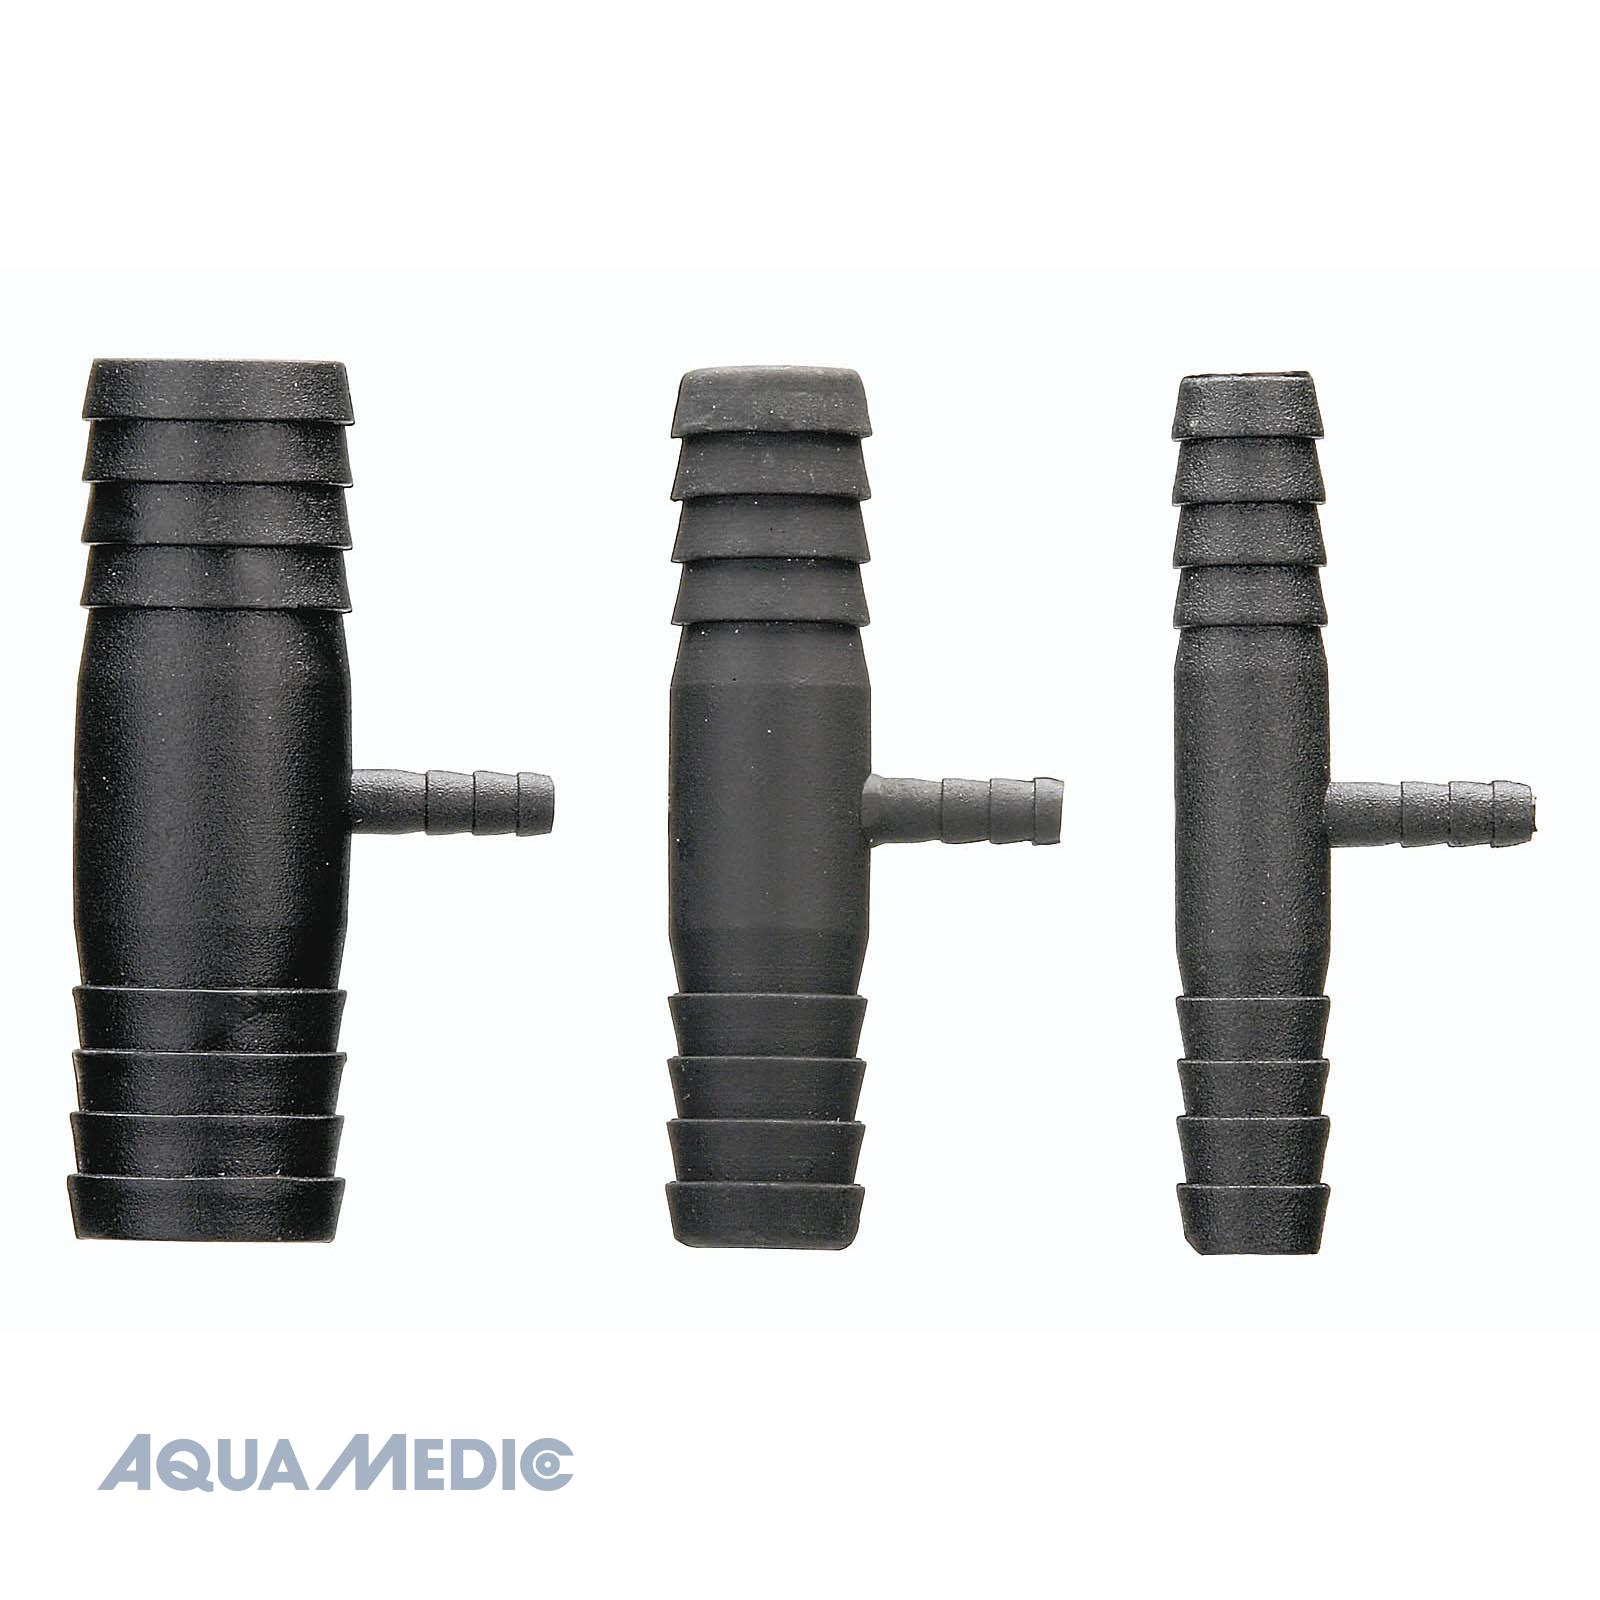 Aquamedic Reducing T Piece's